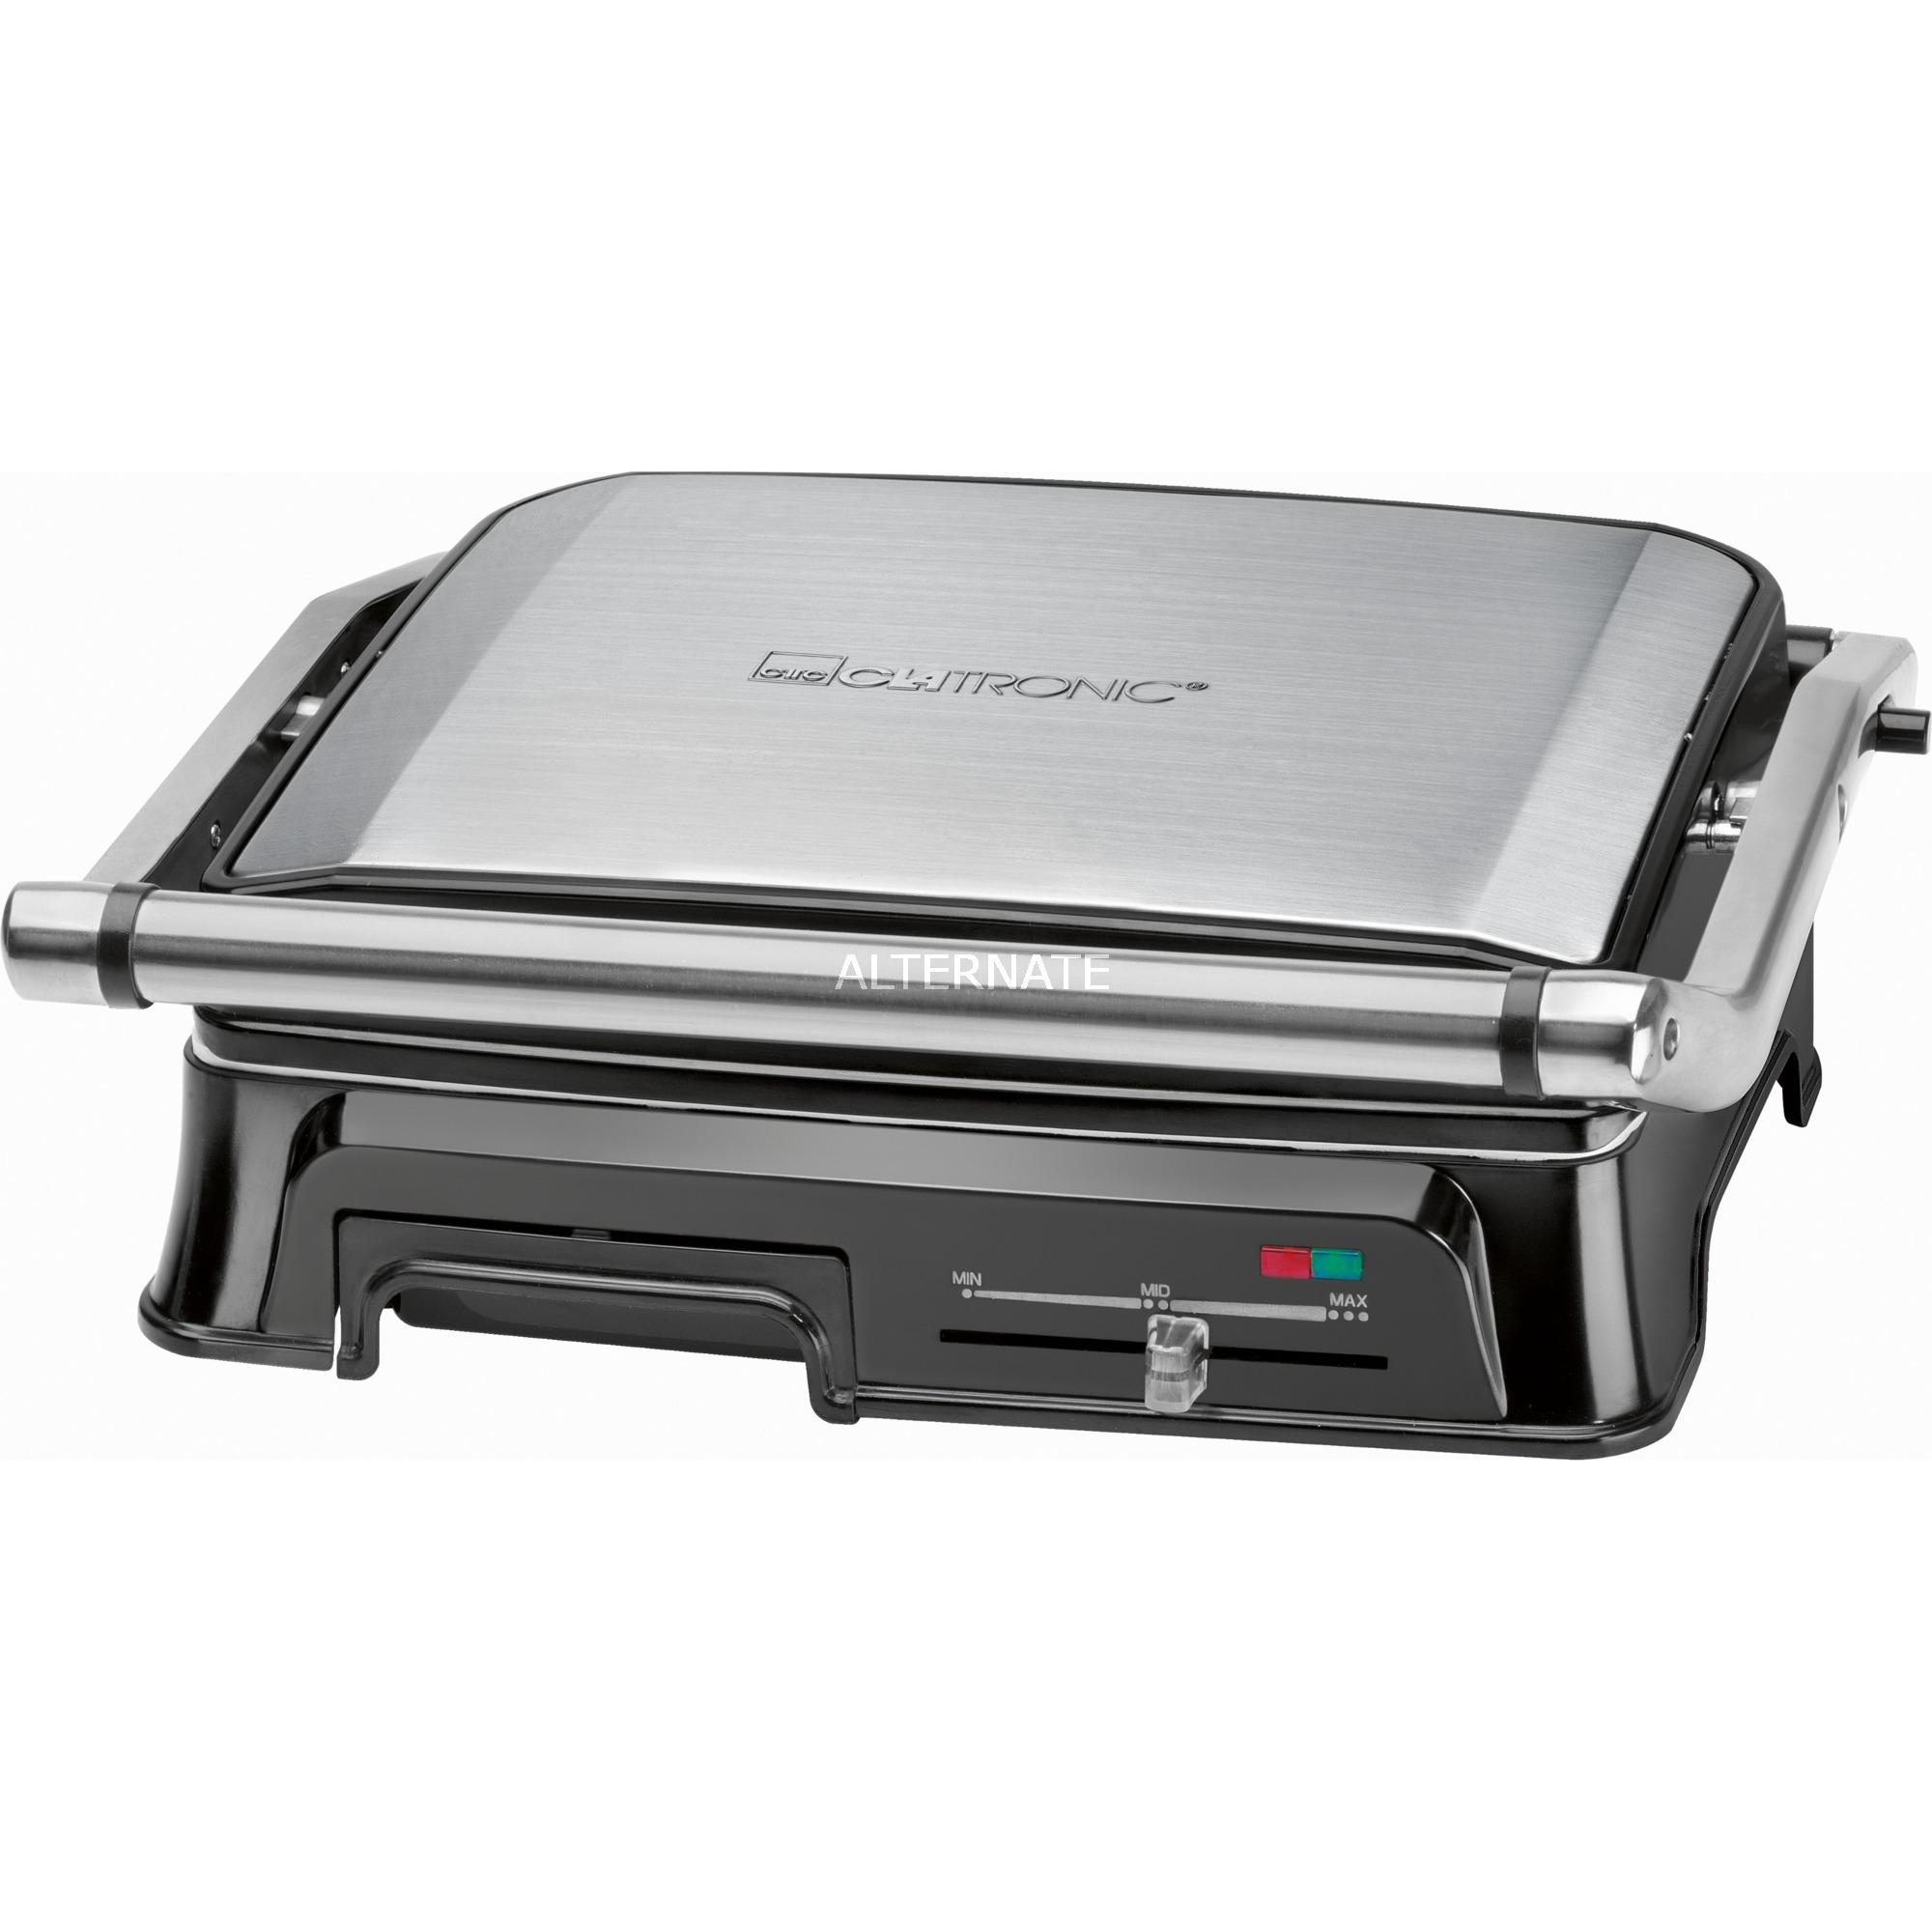 263657 contact grill, Parrilla